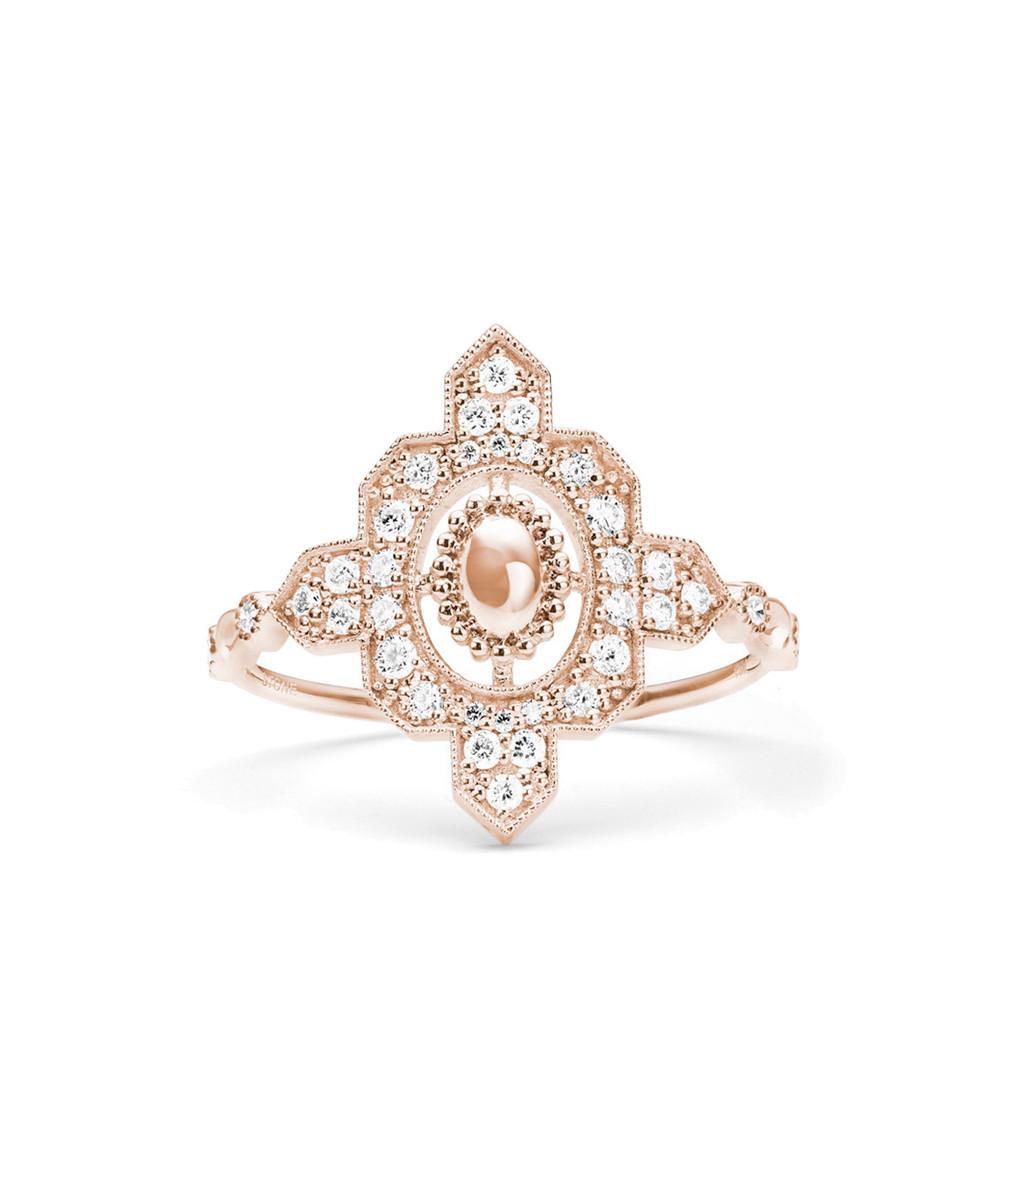 STONE PARIS - Bague Navajo Or Diamants